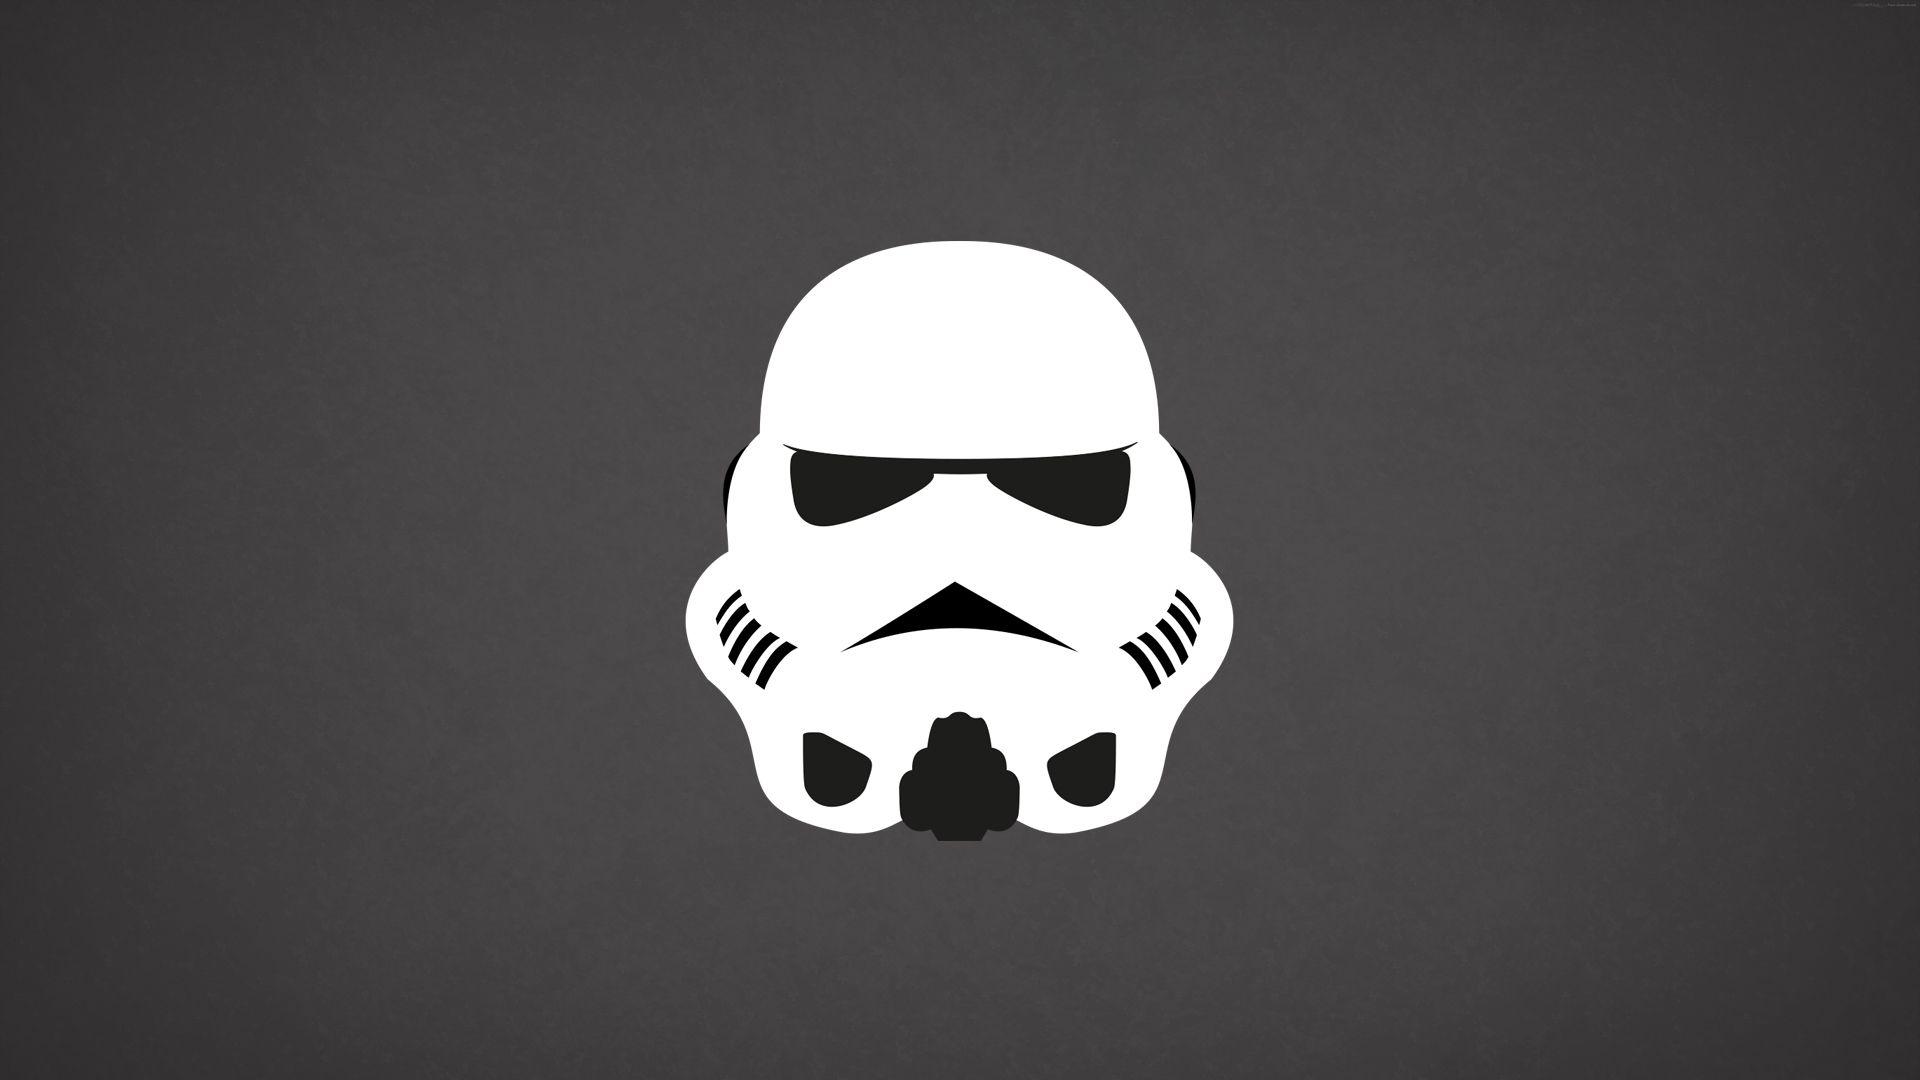 Star Wars Minimalist Wallpaper